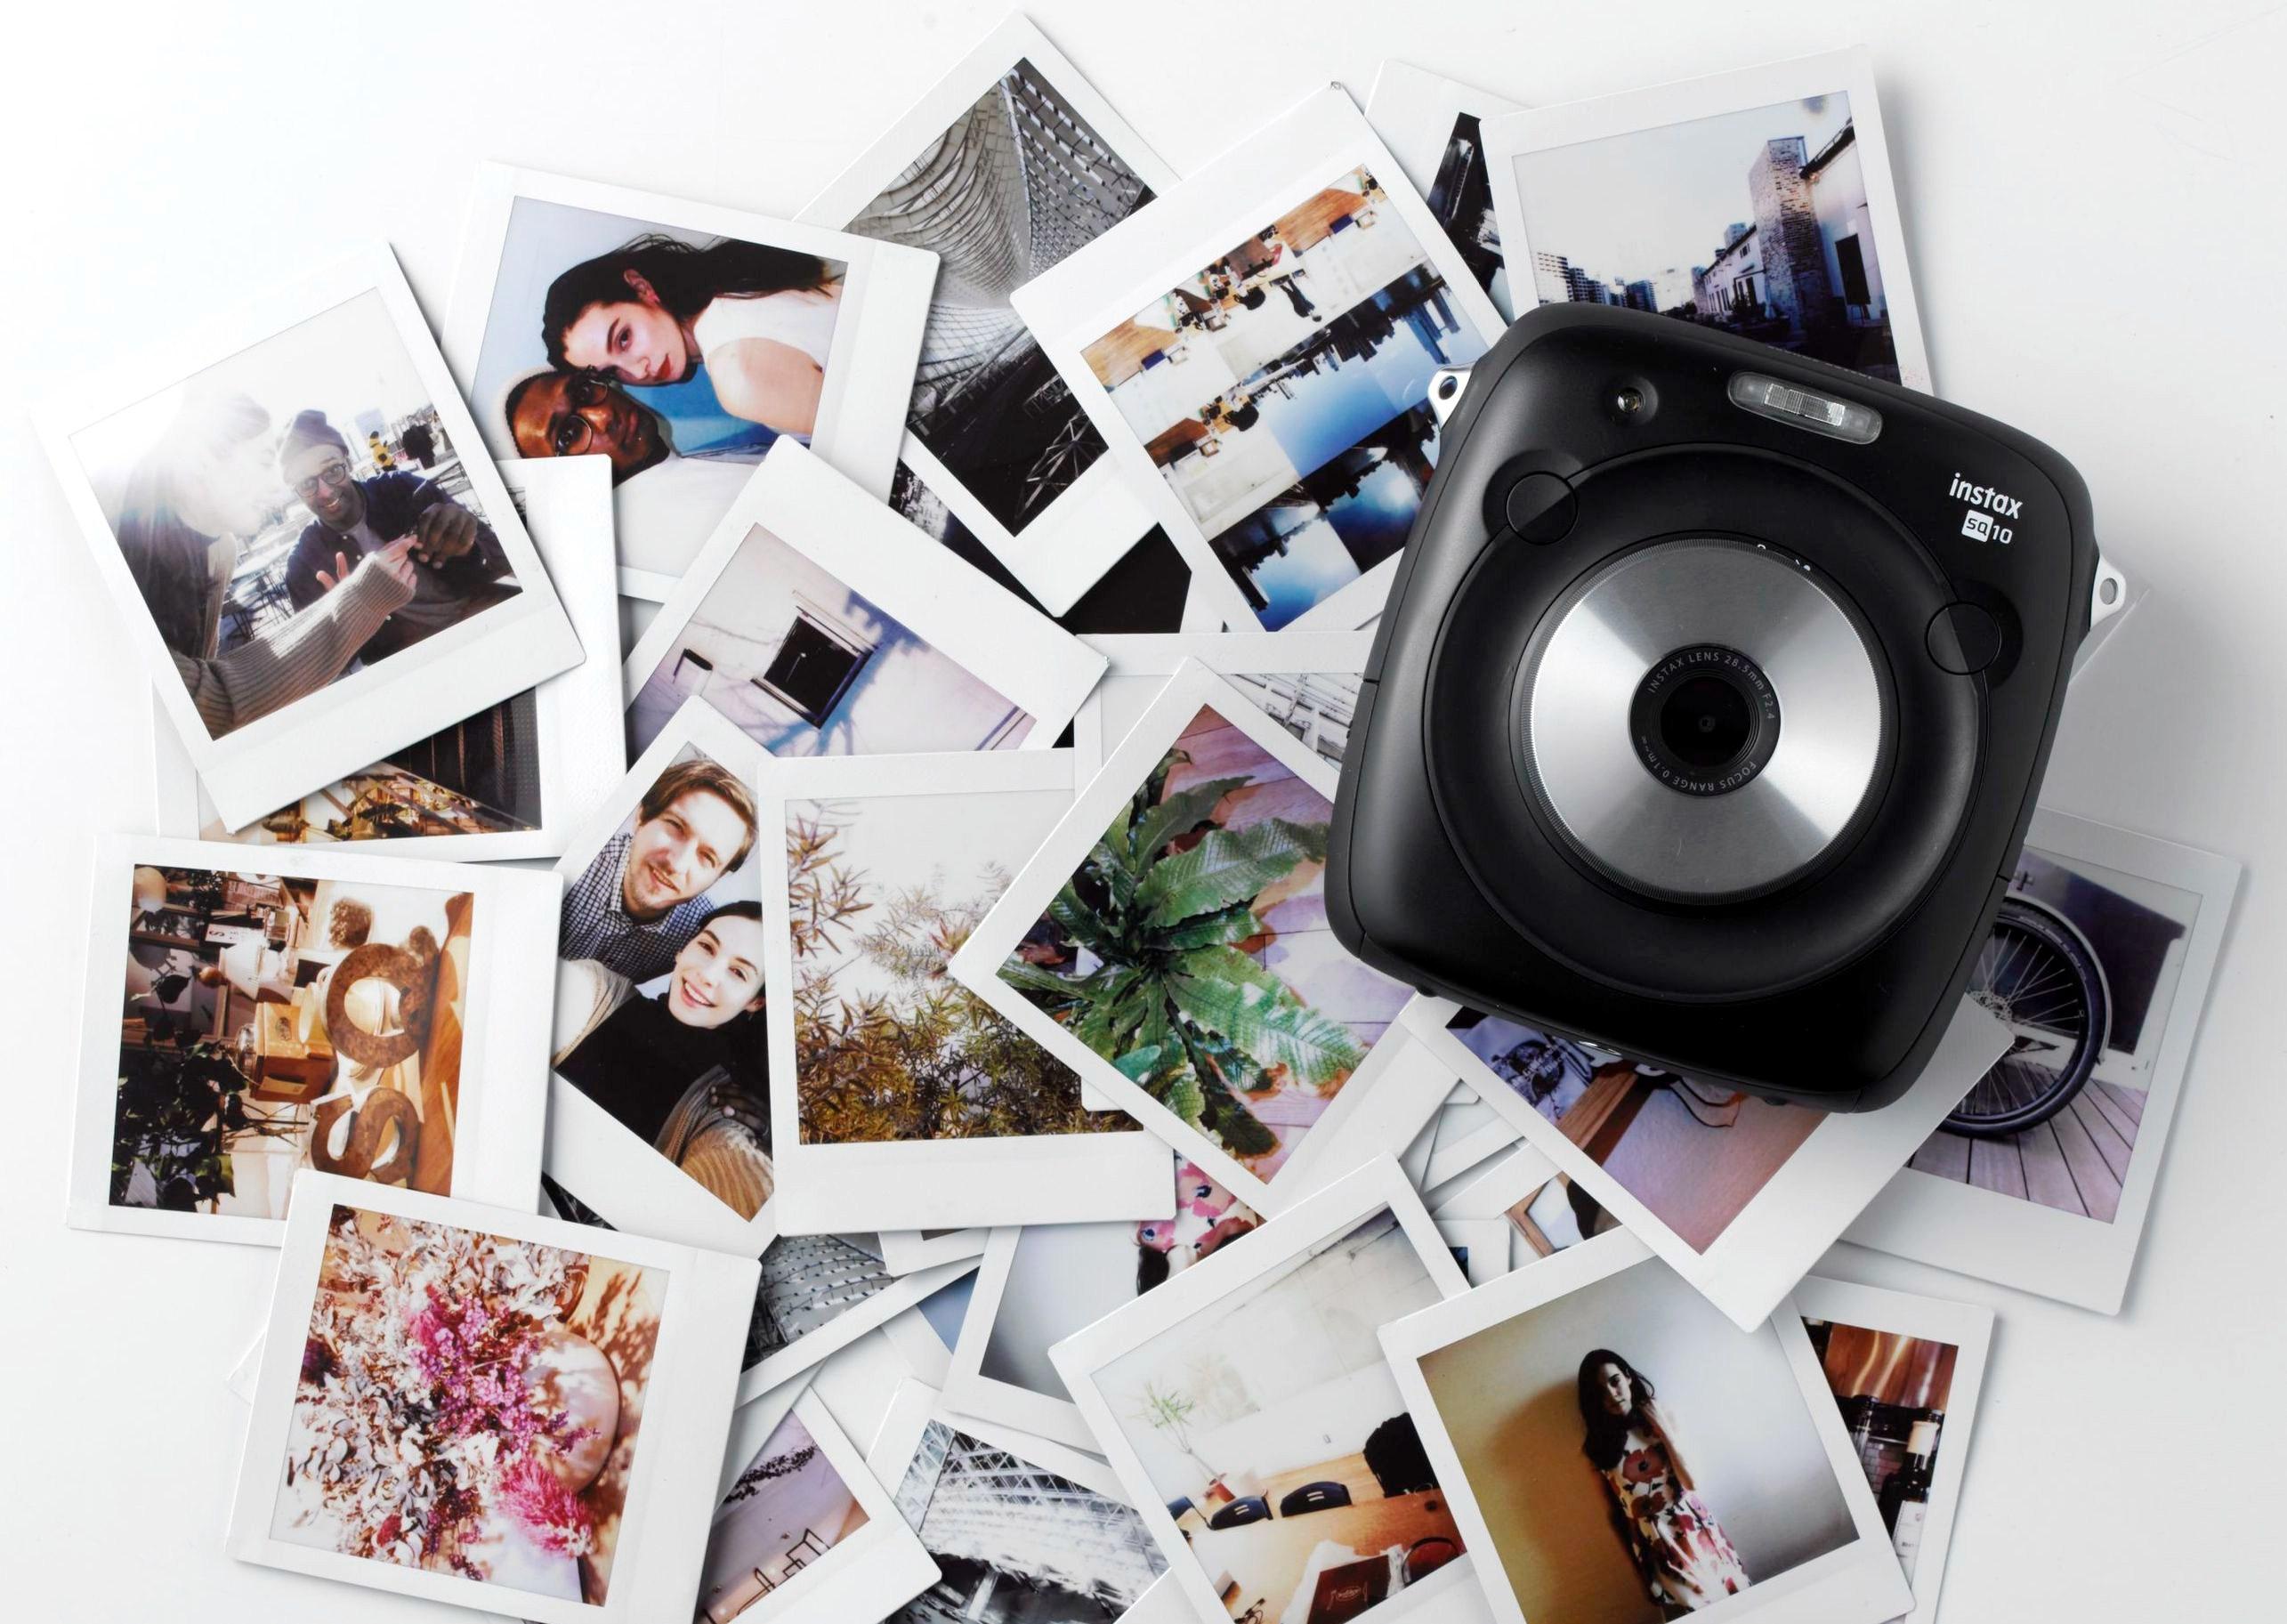 Новая камера Fujifilm для мгновенных фото